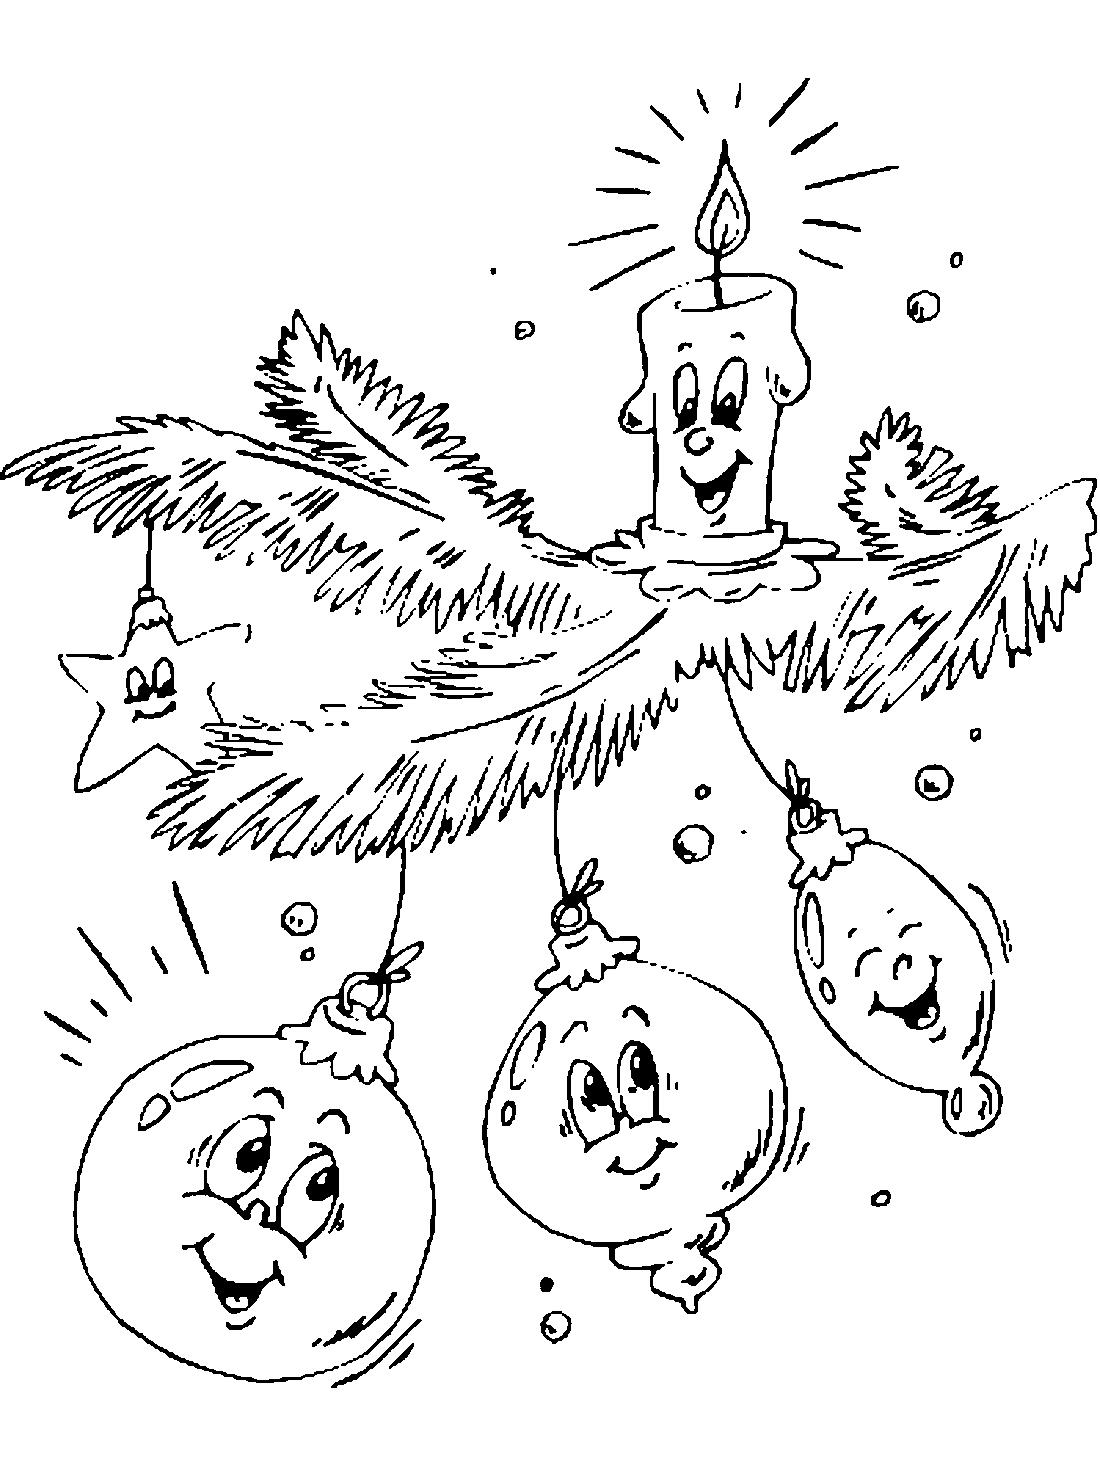 новогодние игрушки и свеча раскраска 10448 Printonic Ru